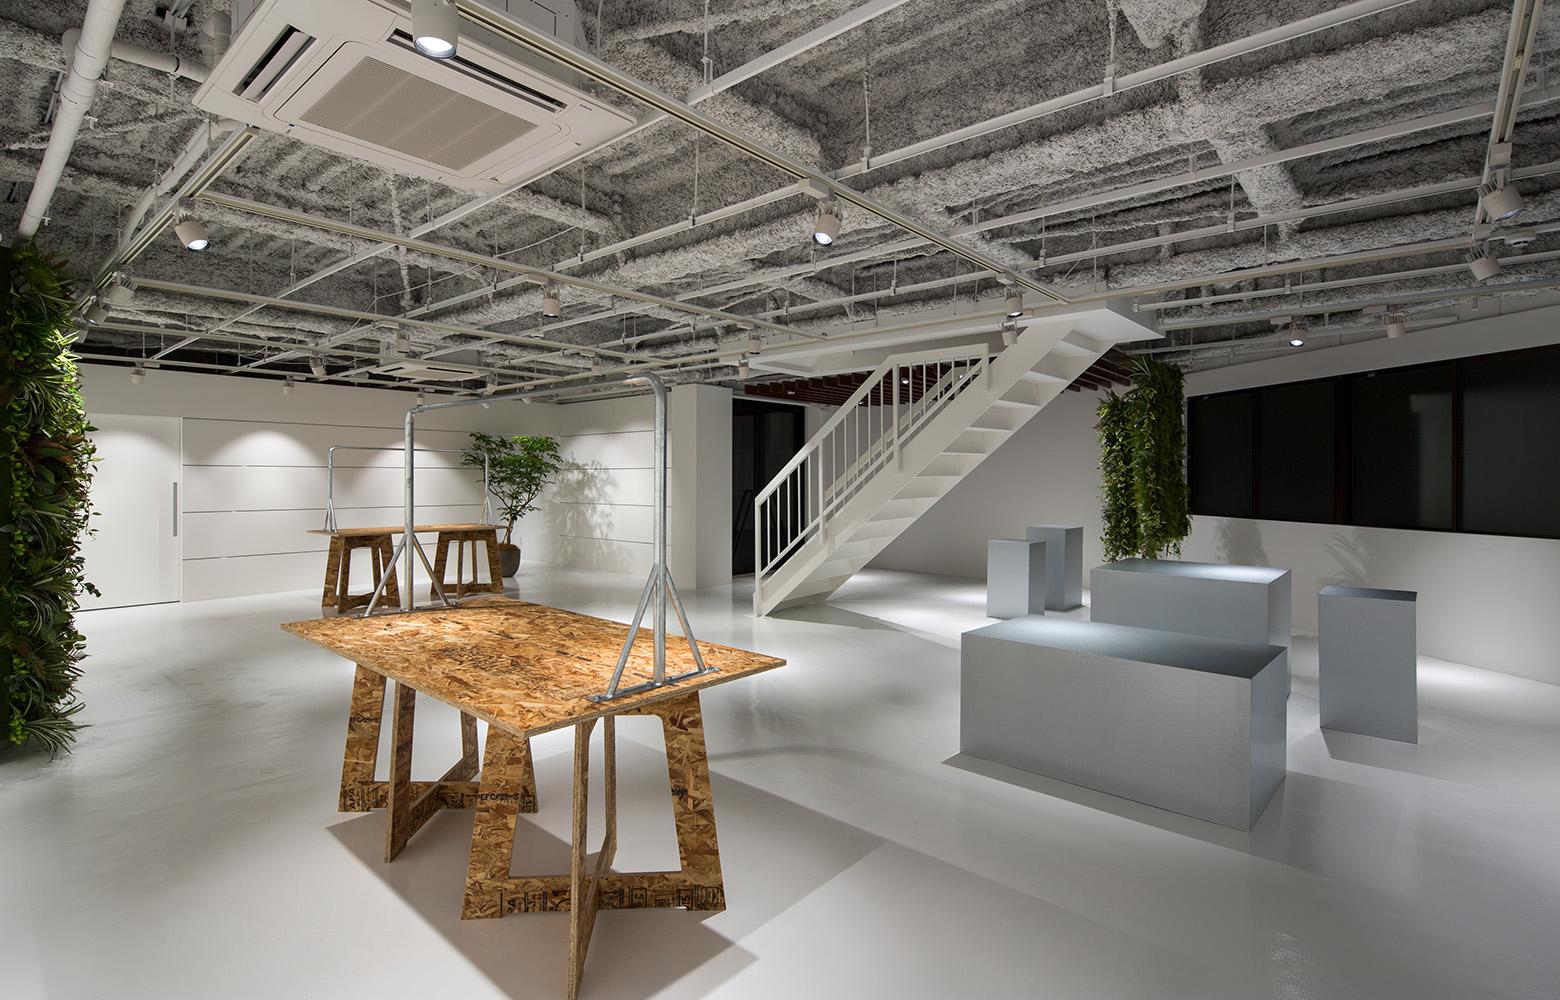 株式会社三景 1F Show Room_2 デザイン・レイアウト事例